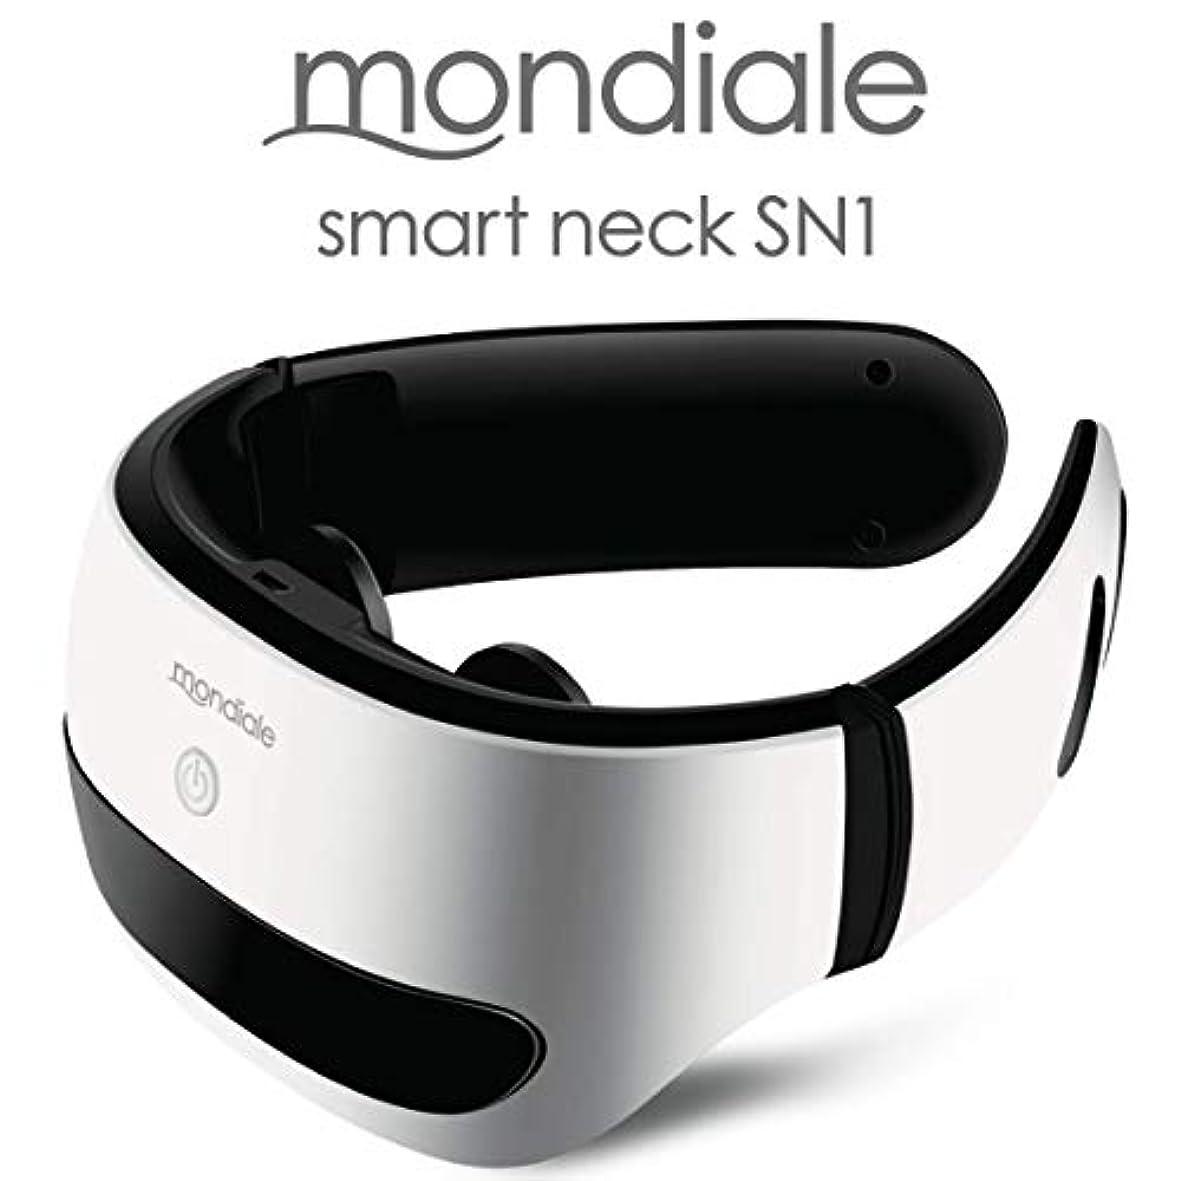 に渡ってスーパー倒産モンデール スマートネック SN1 mondiale smart neck SN1